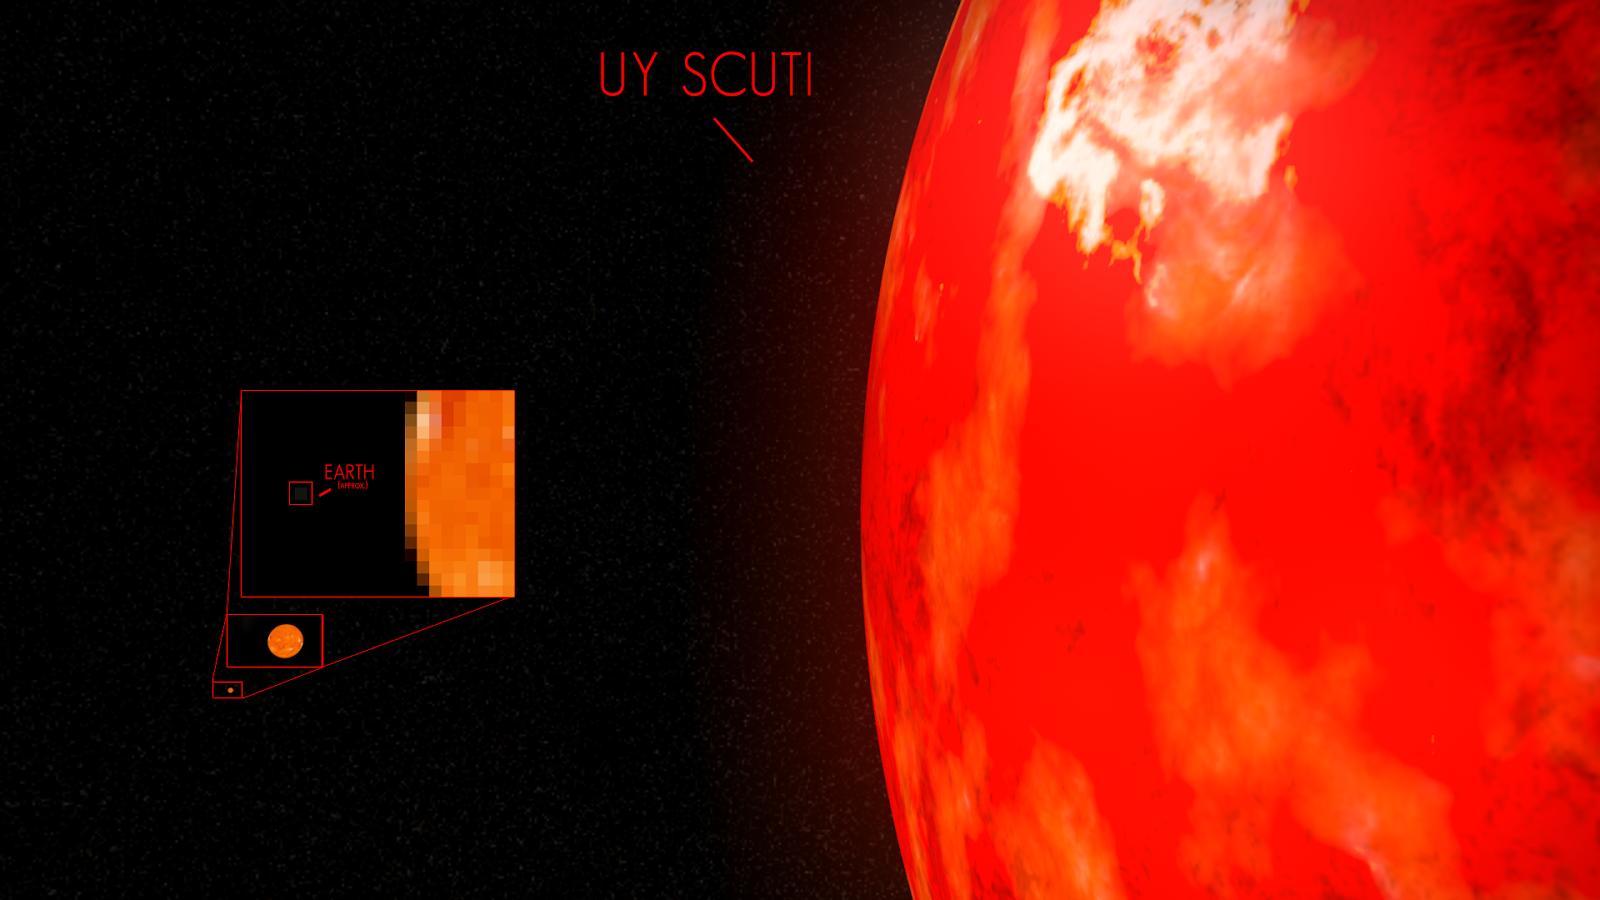 Sol comparado a UY Scuti